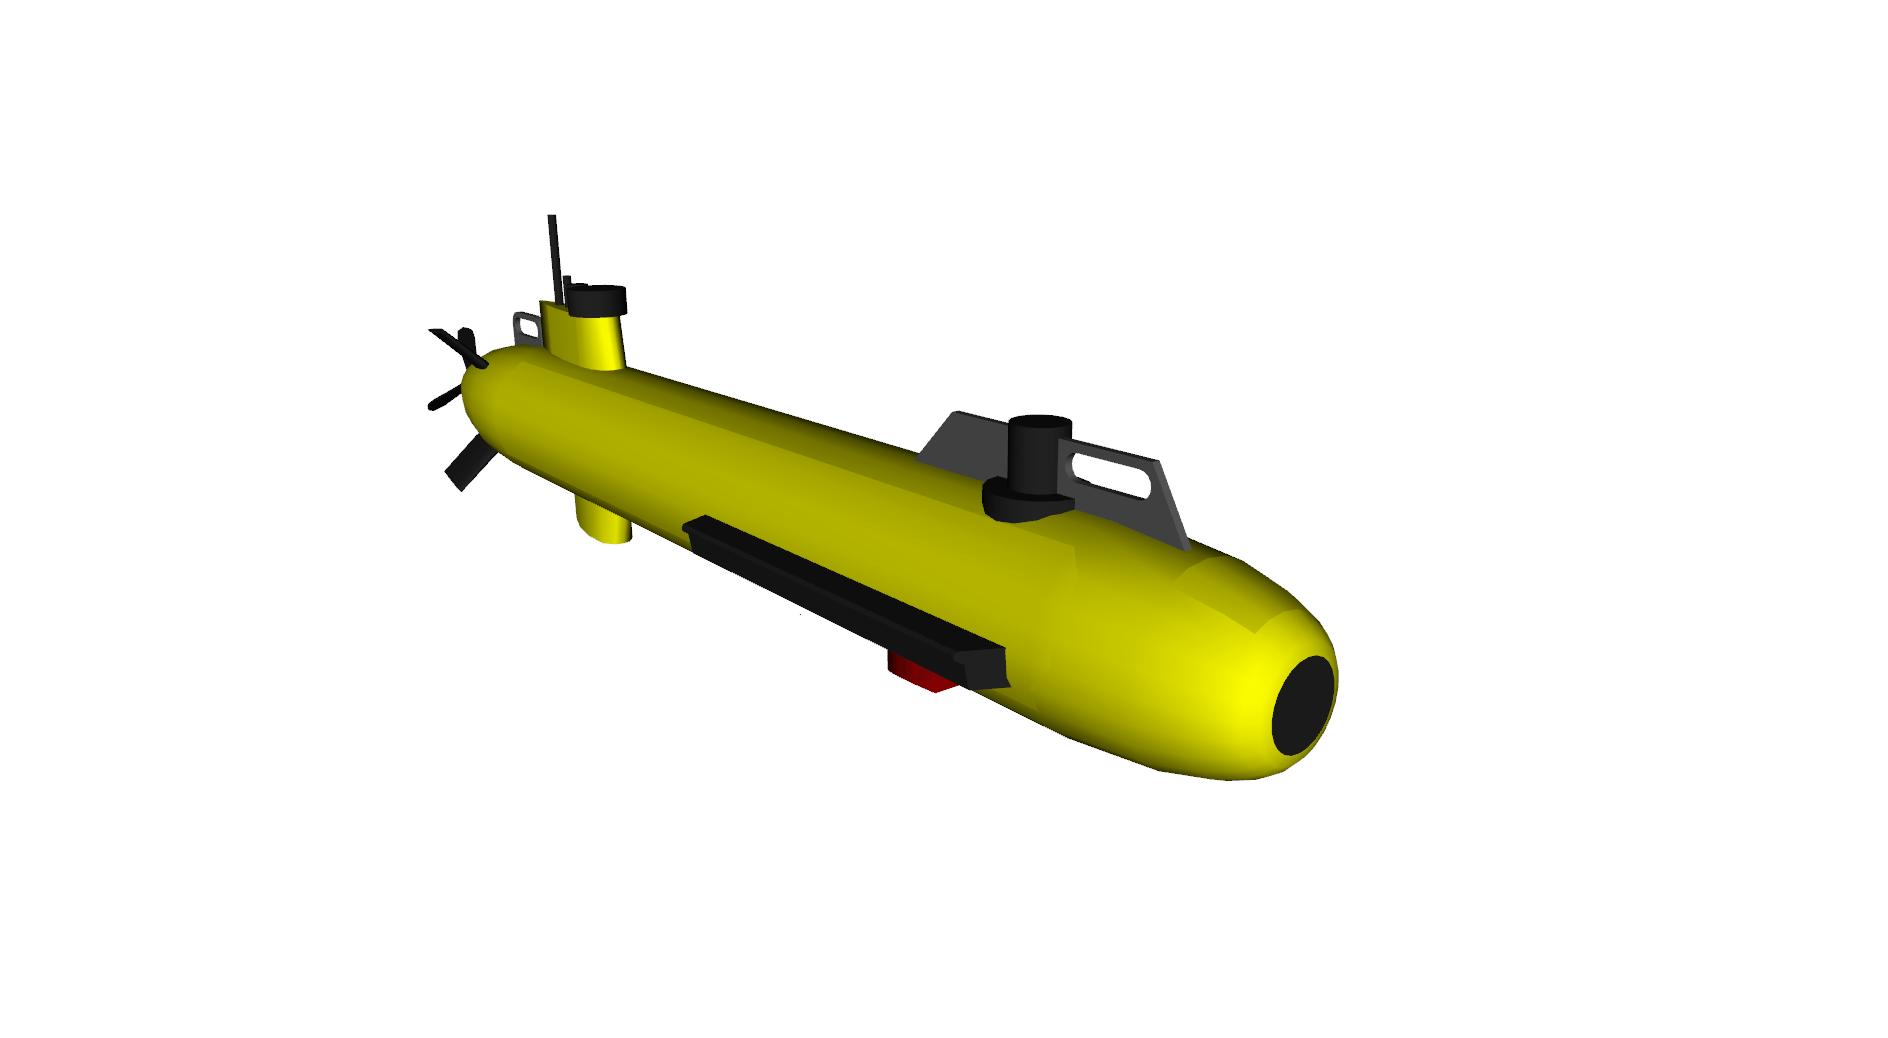 ECA A9 AUV